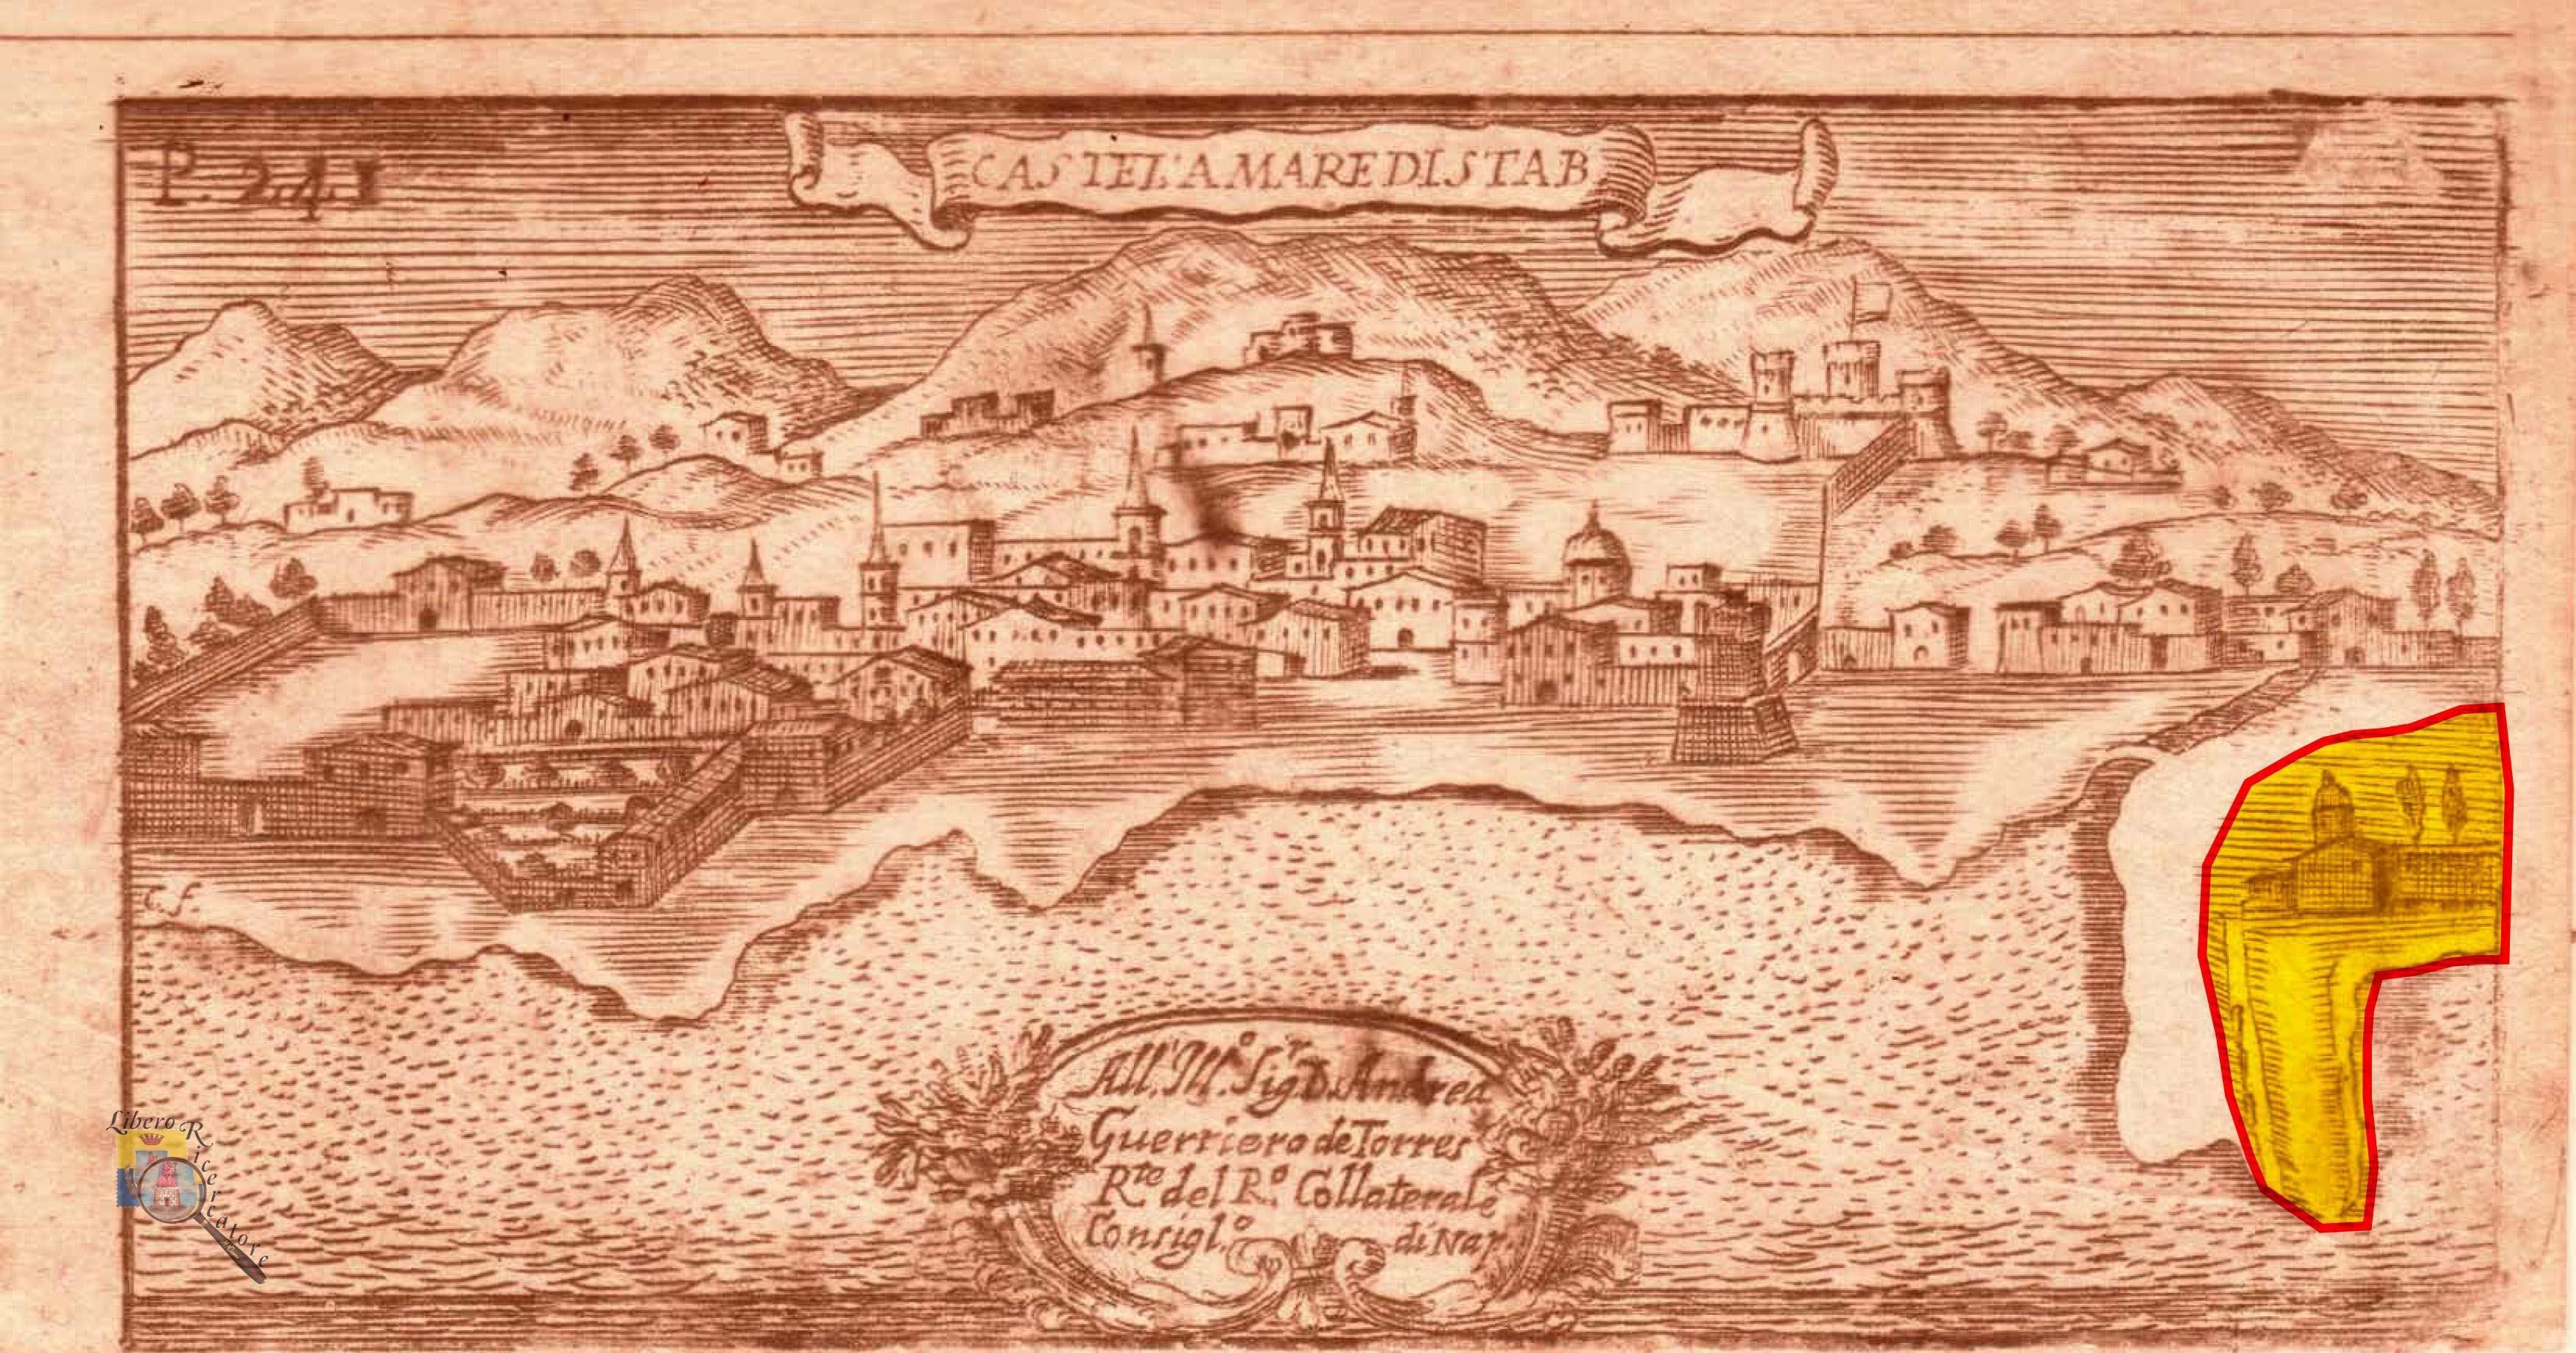 Castellammare incisione del 1709 (Pacichelli) - prop. G. Fontana